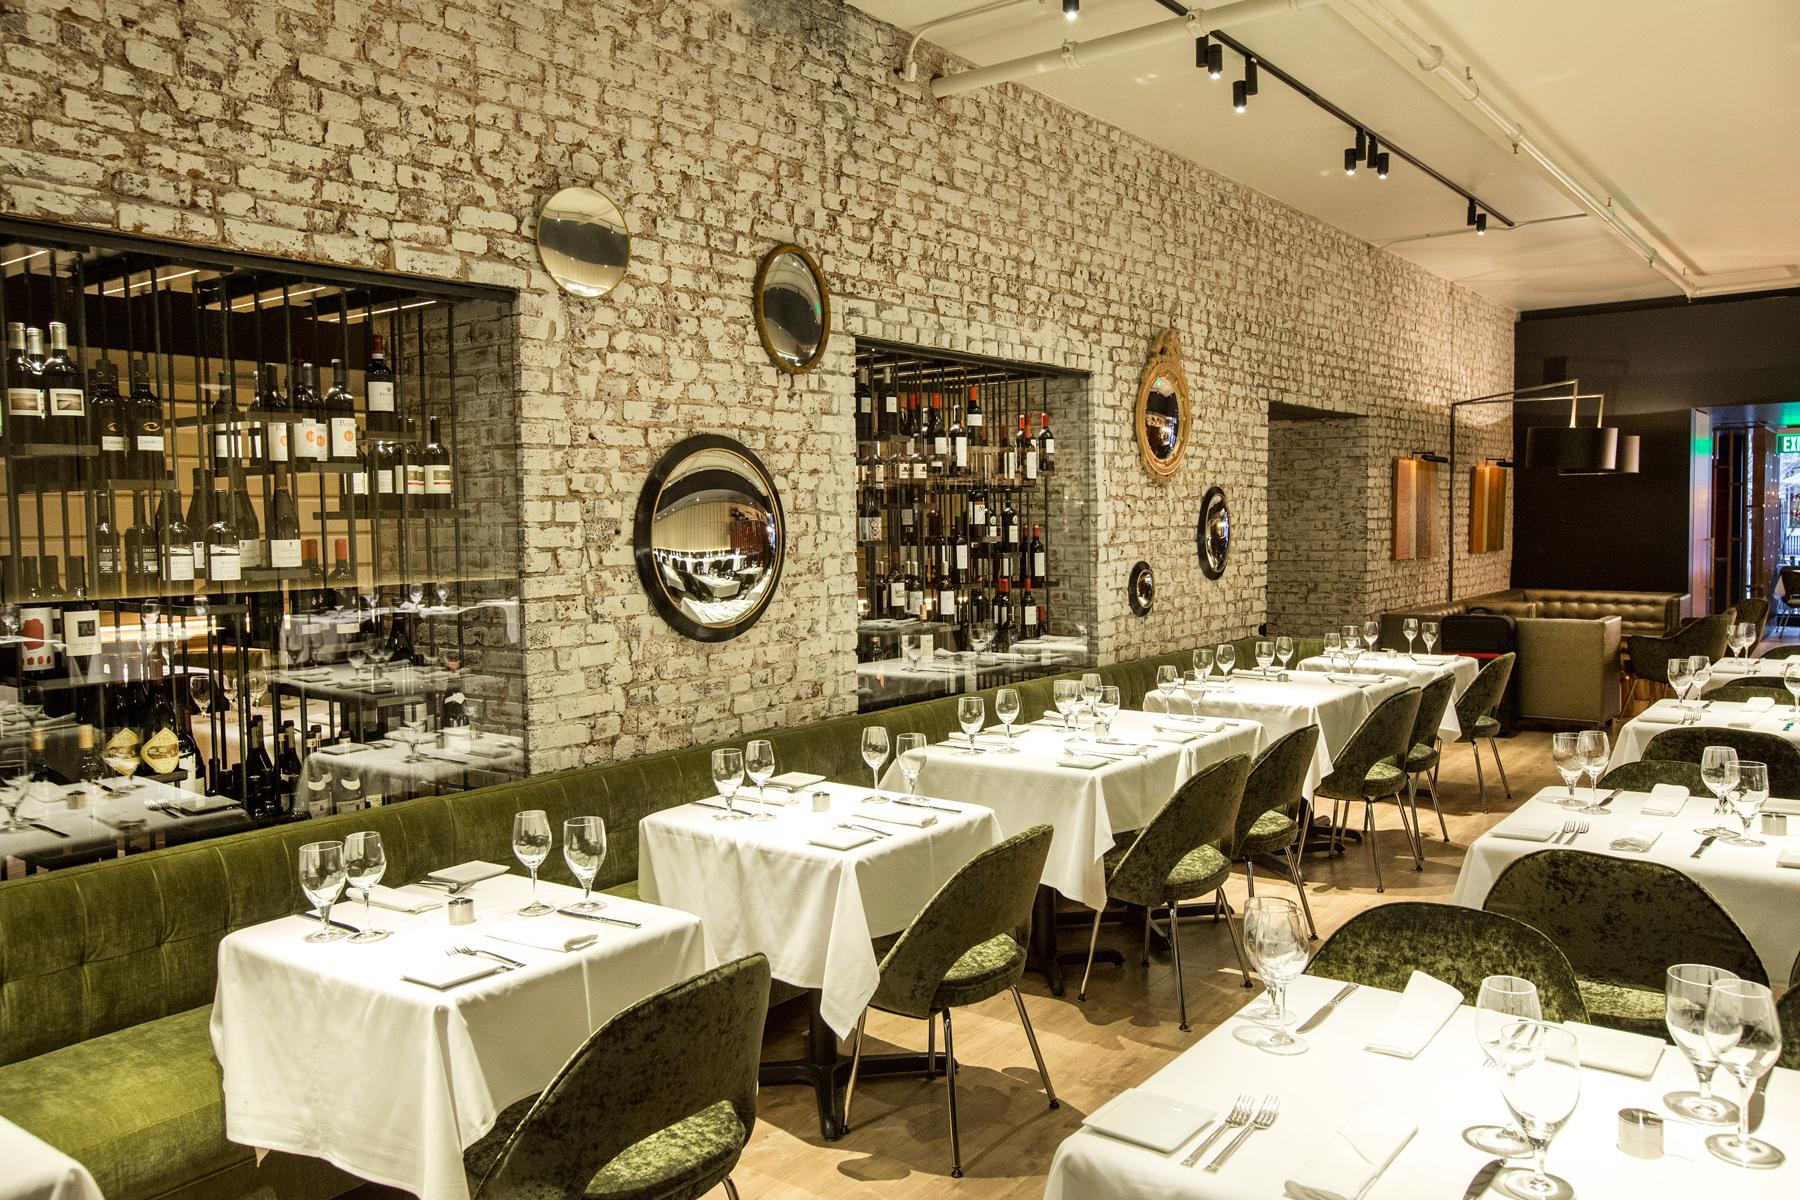 Denver Restaurant Remodel